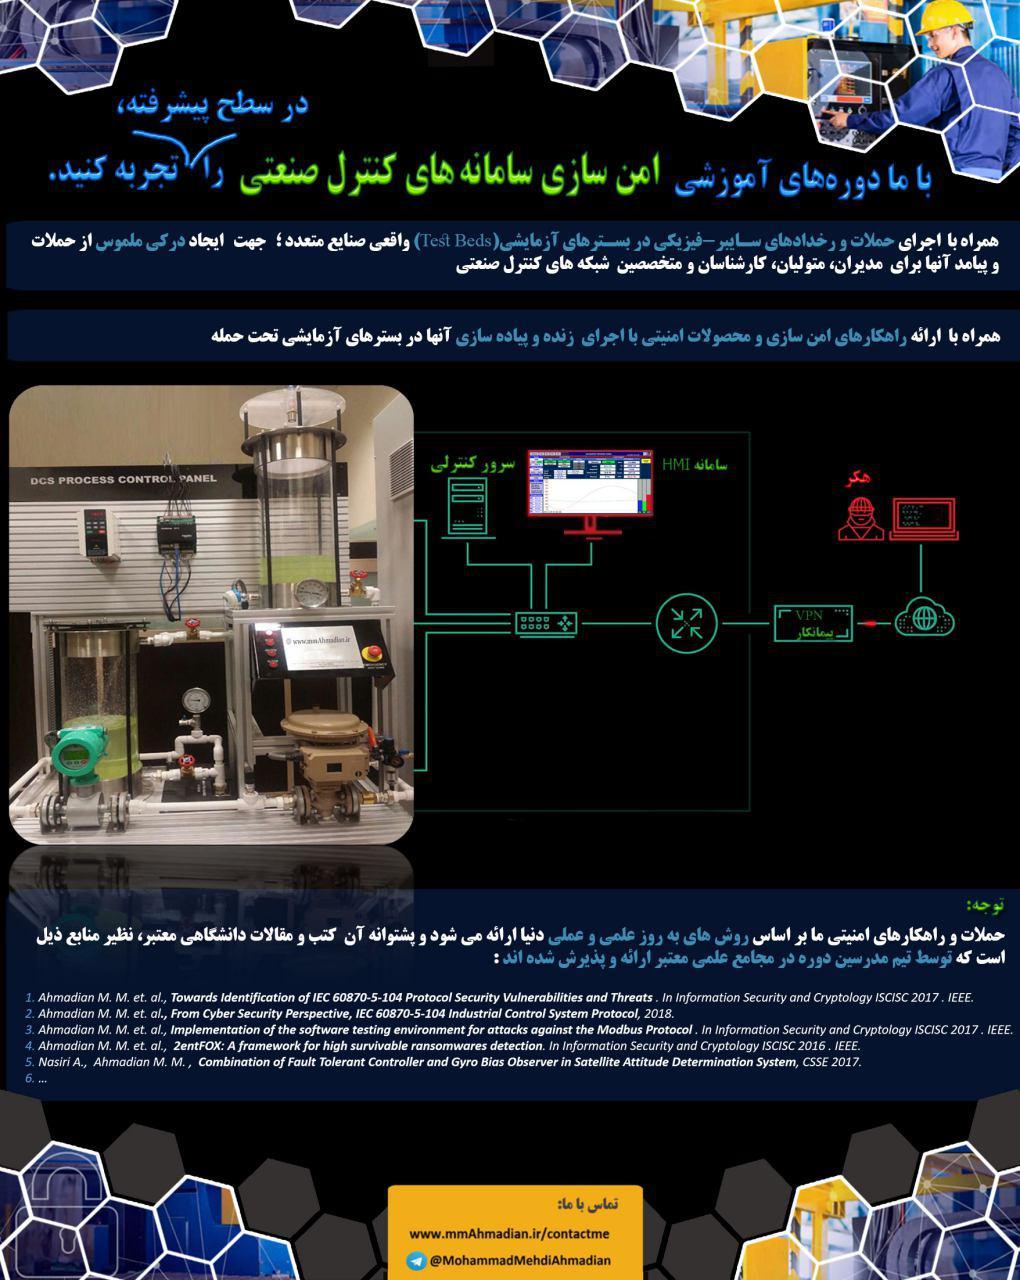 امنیت سایبری سامانه های کنترل صنعتی و اسکادا : دوره های آموزشی امن سازی سیستم های کنترل صنعتی در سطح پیشرفته